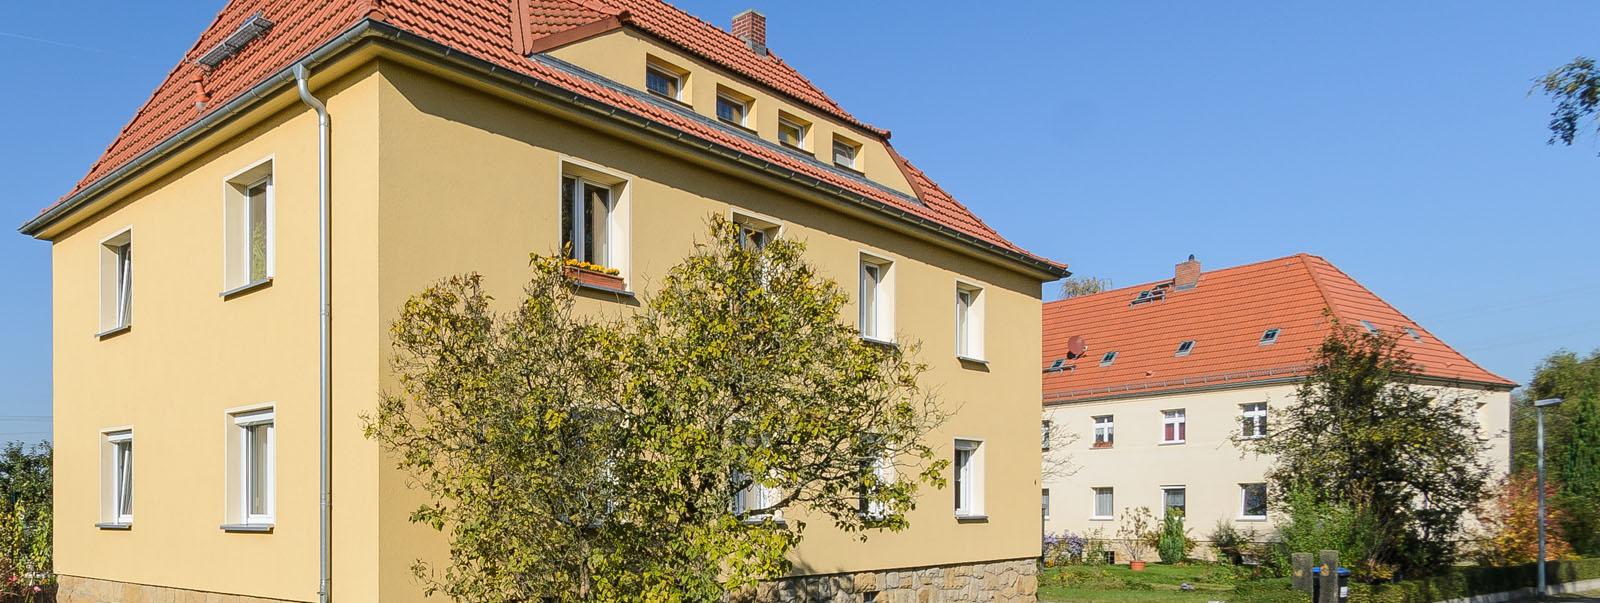 Dresden Sporbitz